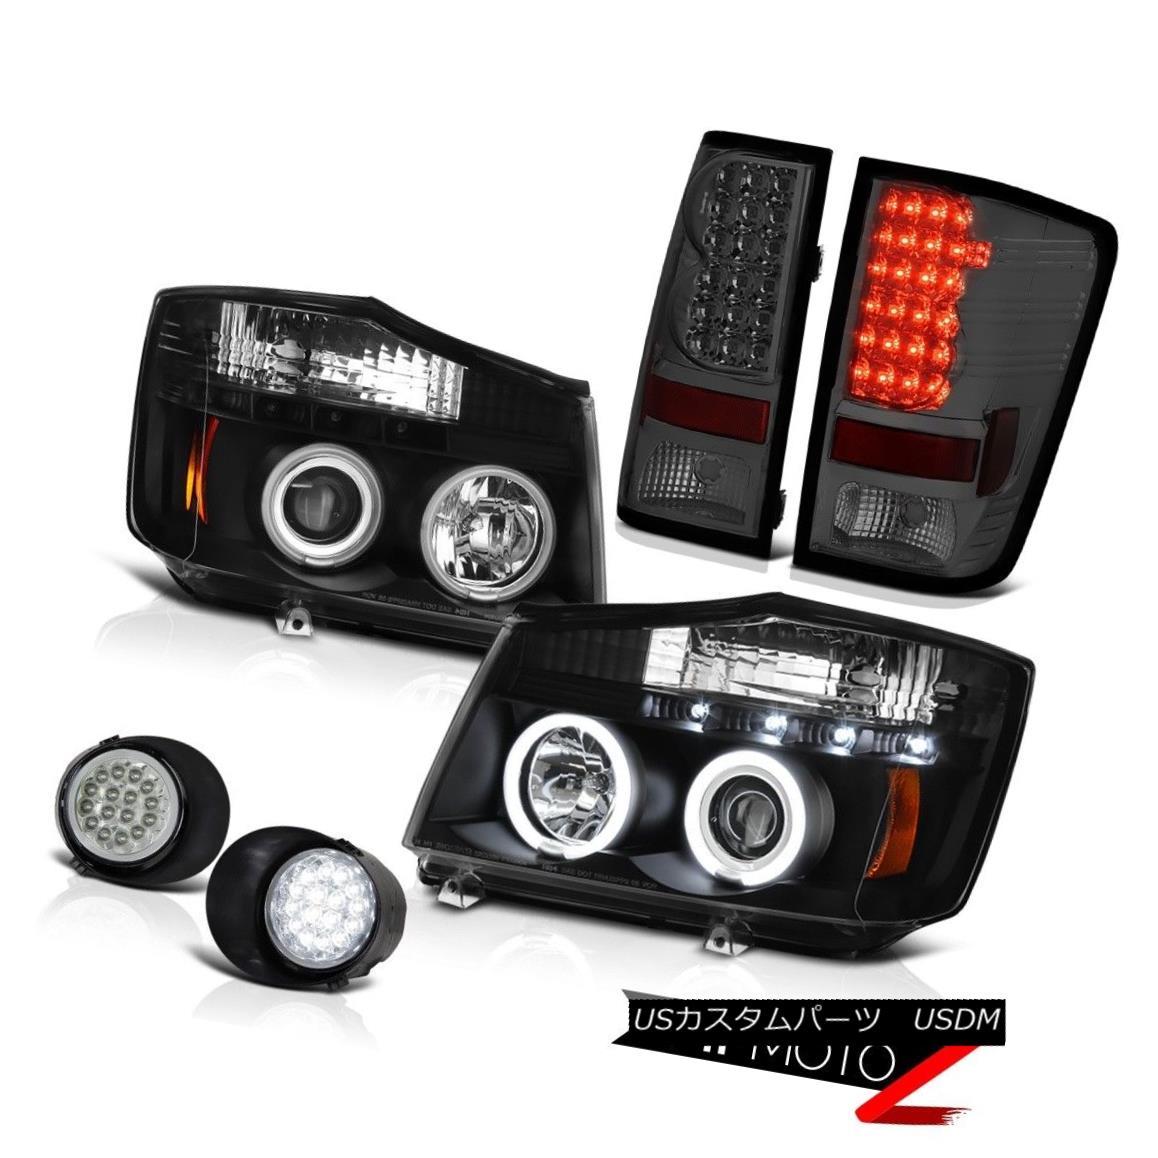 ヘッドライト For 2004-2015 Titan S Black Rim Headlights Signal Brake Tail Lights SMD LED Fog 2004年?2015年タイタンSブラックリムヘッドライト信号ブレーキテールライトSMD LEDフォグ